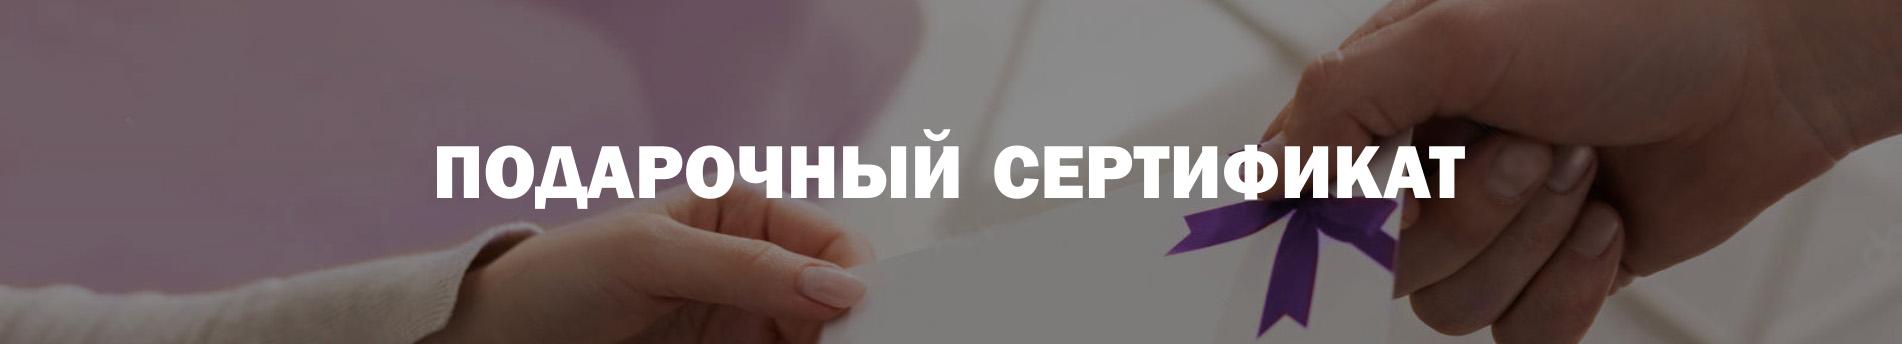 ИнтерАвто_Подарочный сертификат